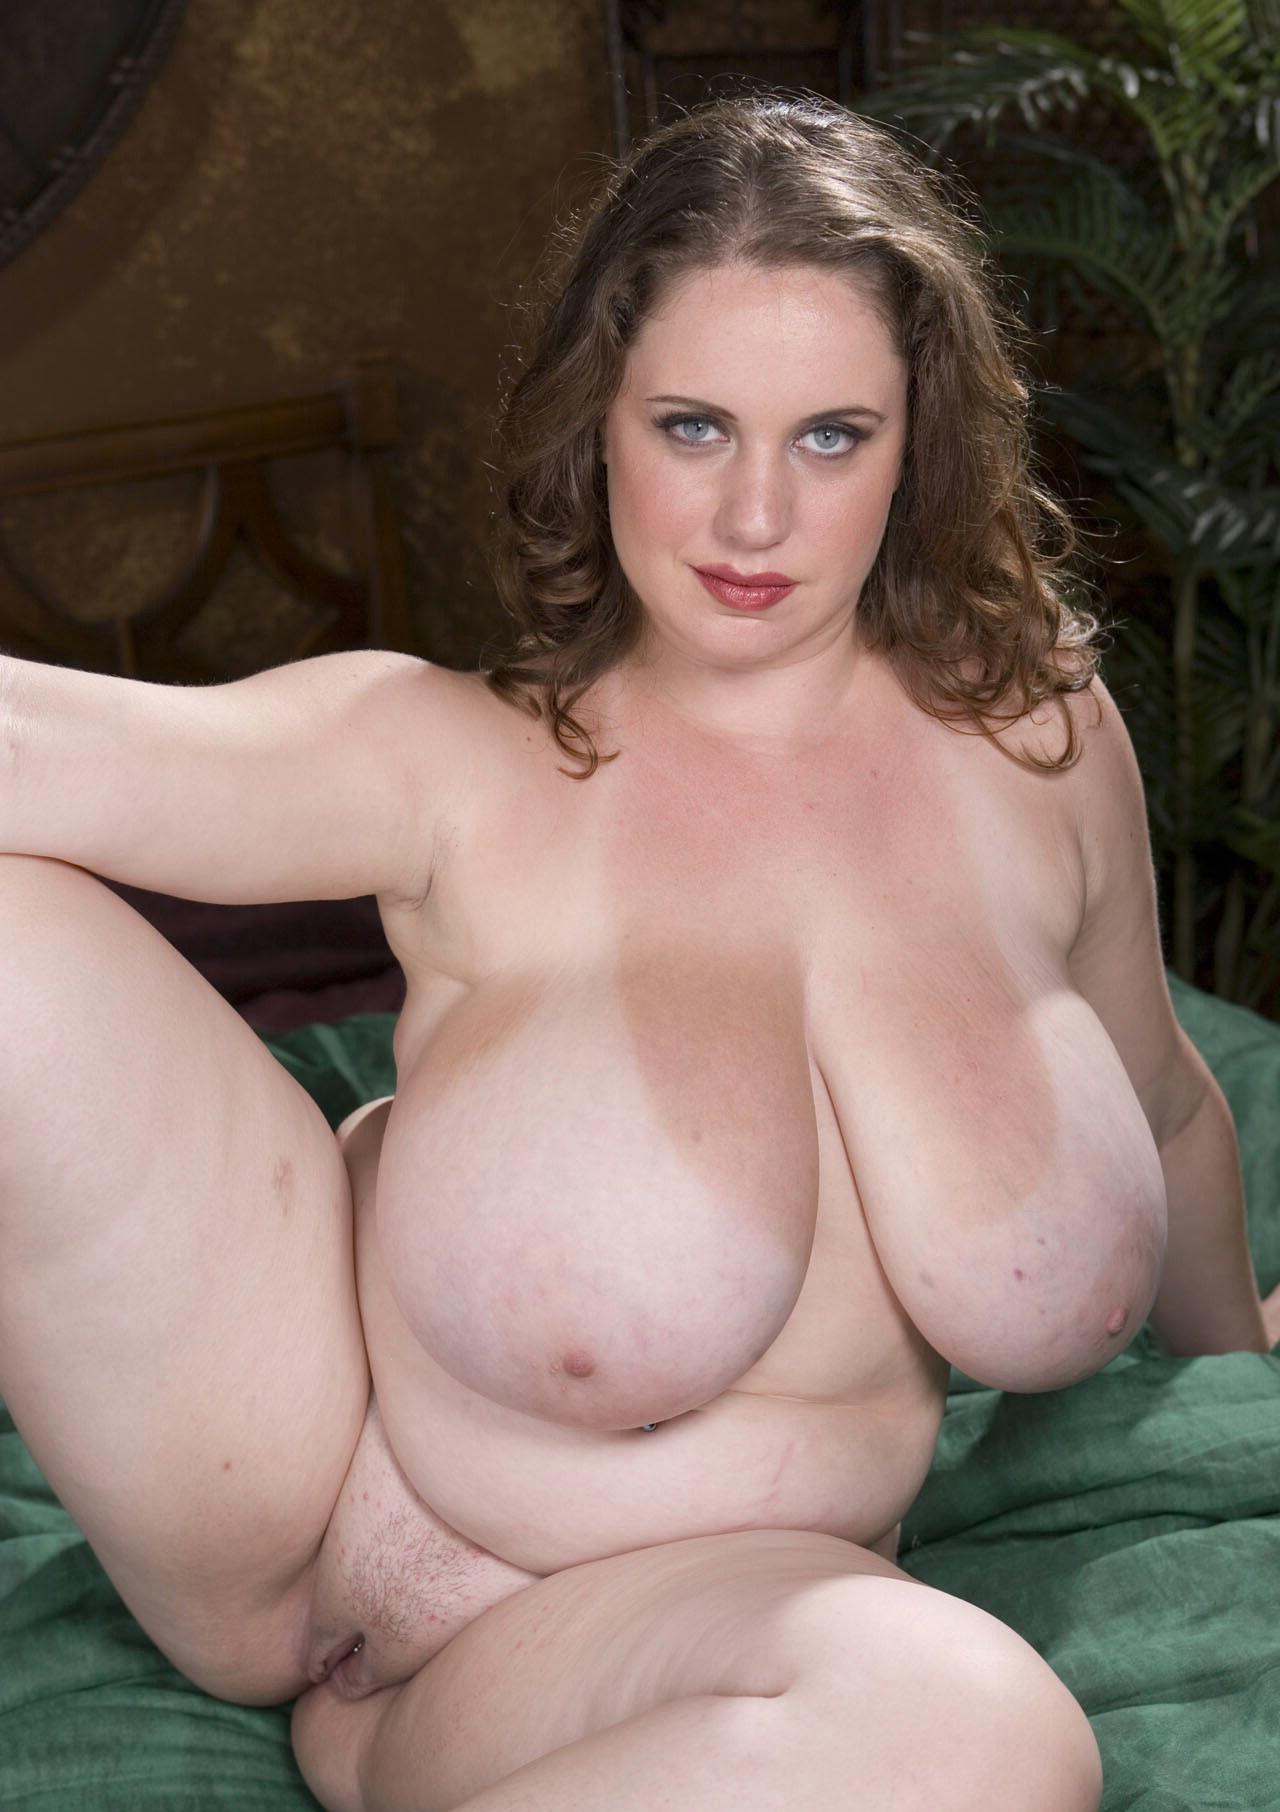 полная голая женщина фото